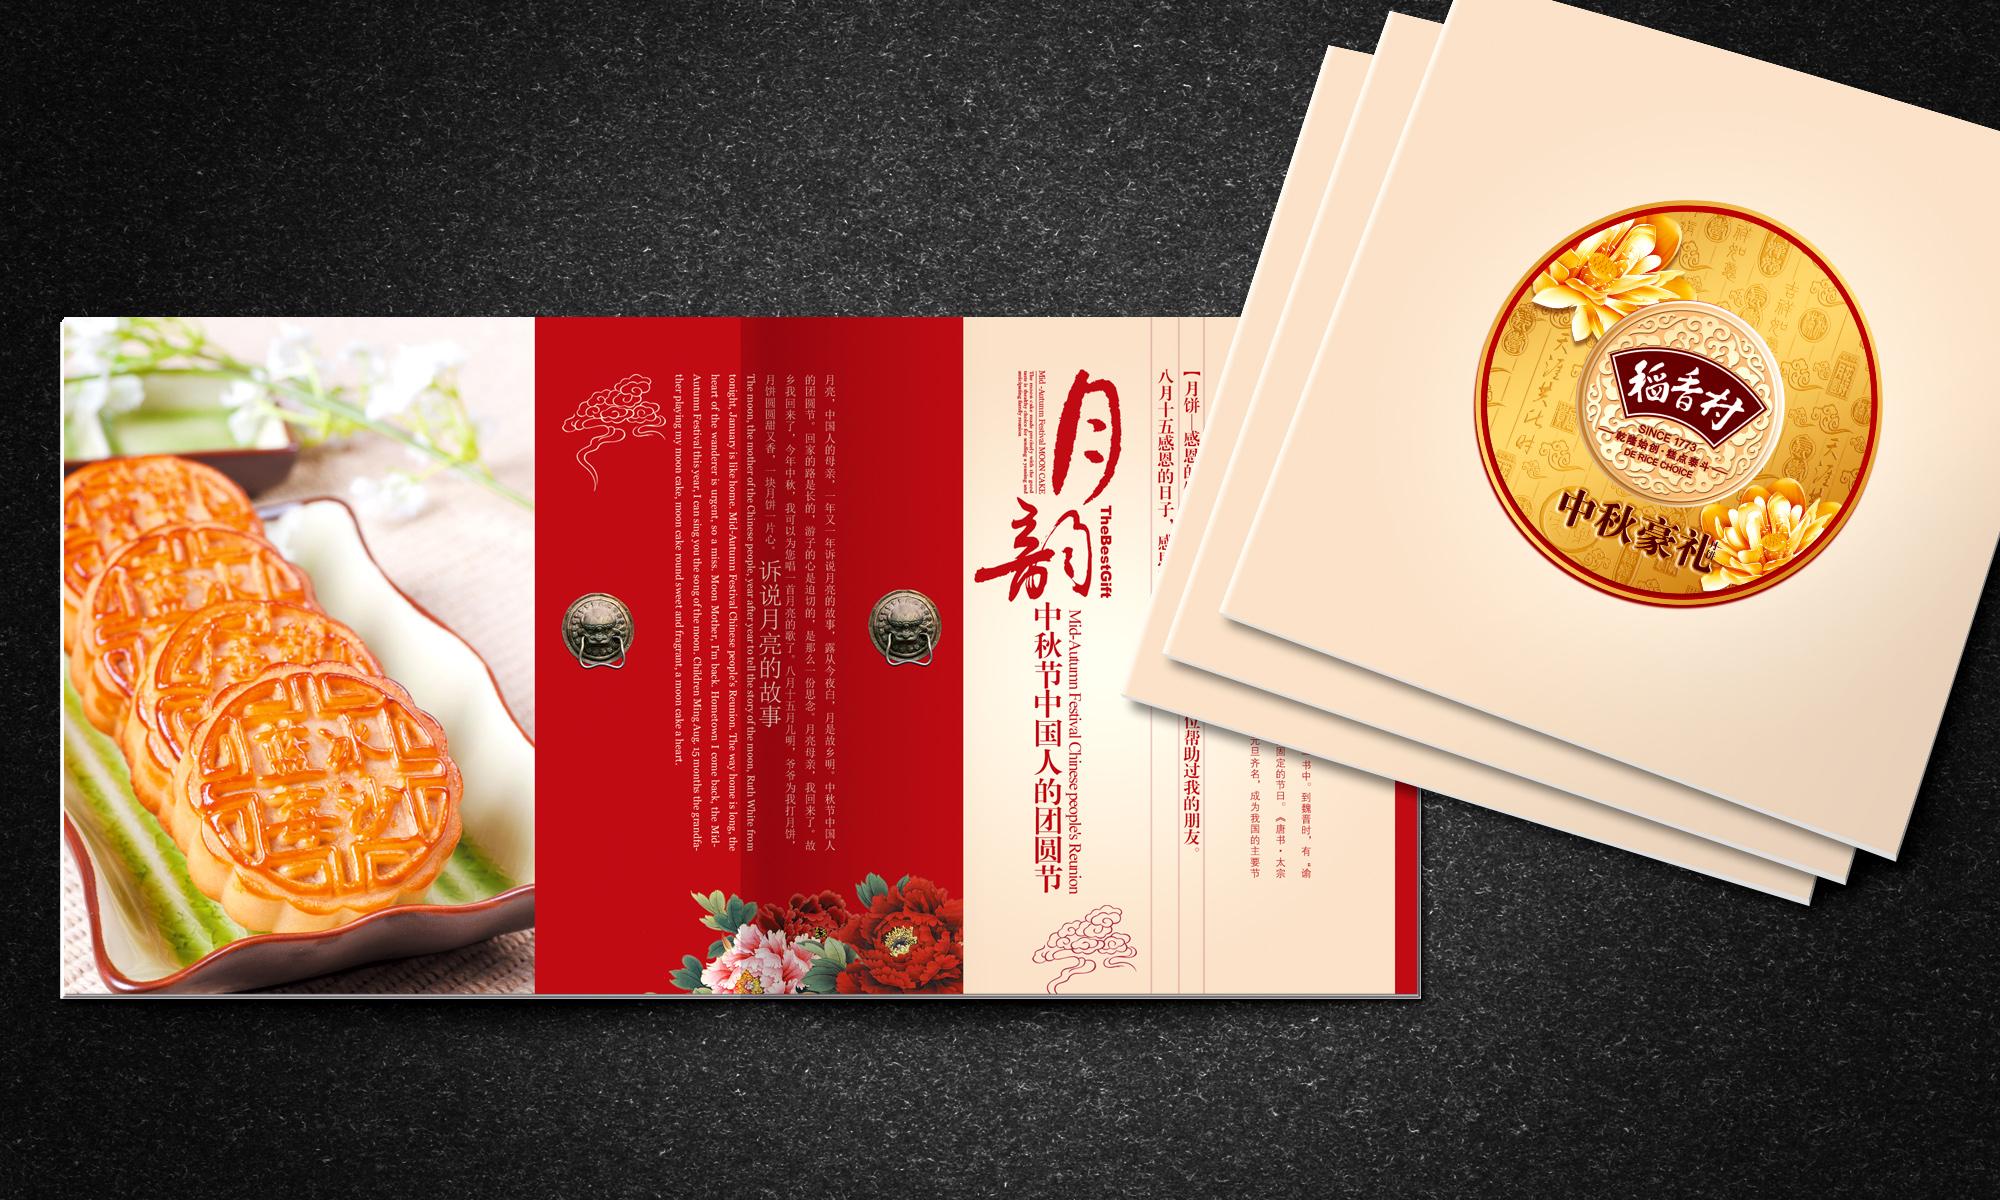 小米品牌有幸参与了这一中华老字号品牌的包装设计图片